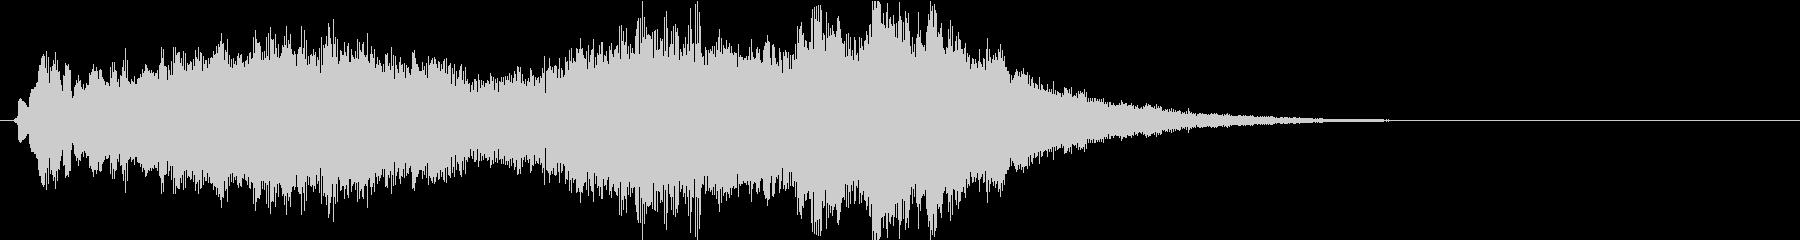 安心感のあるサウンドロゴの未再生の波形